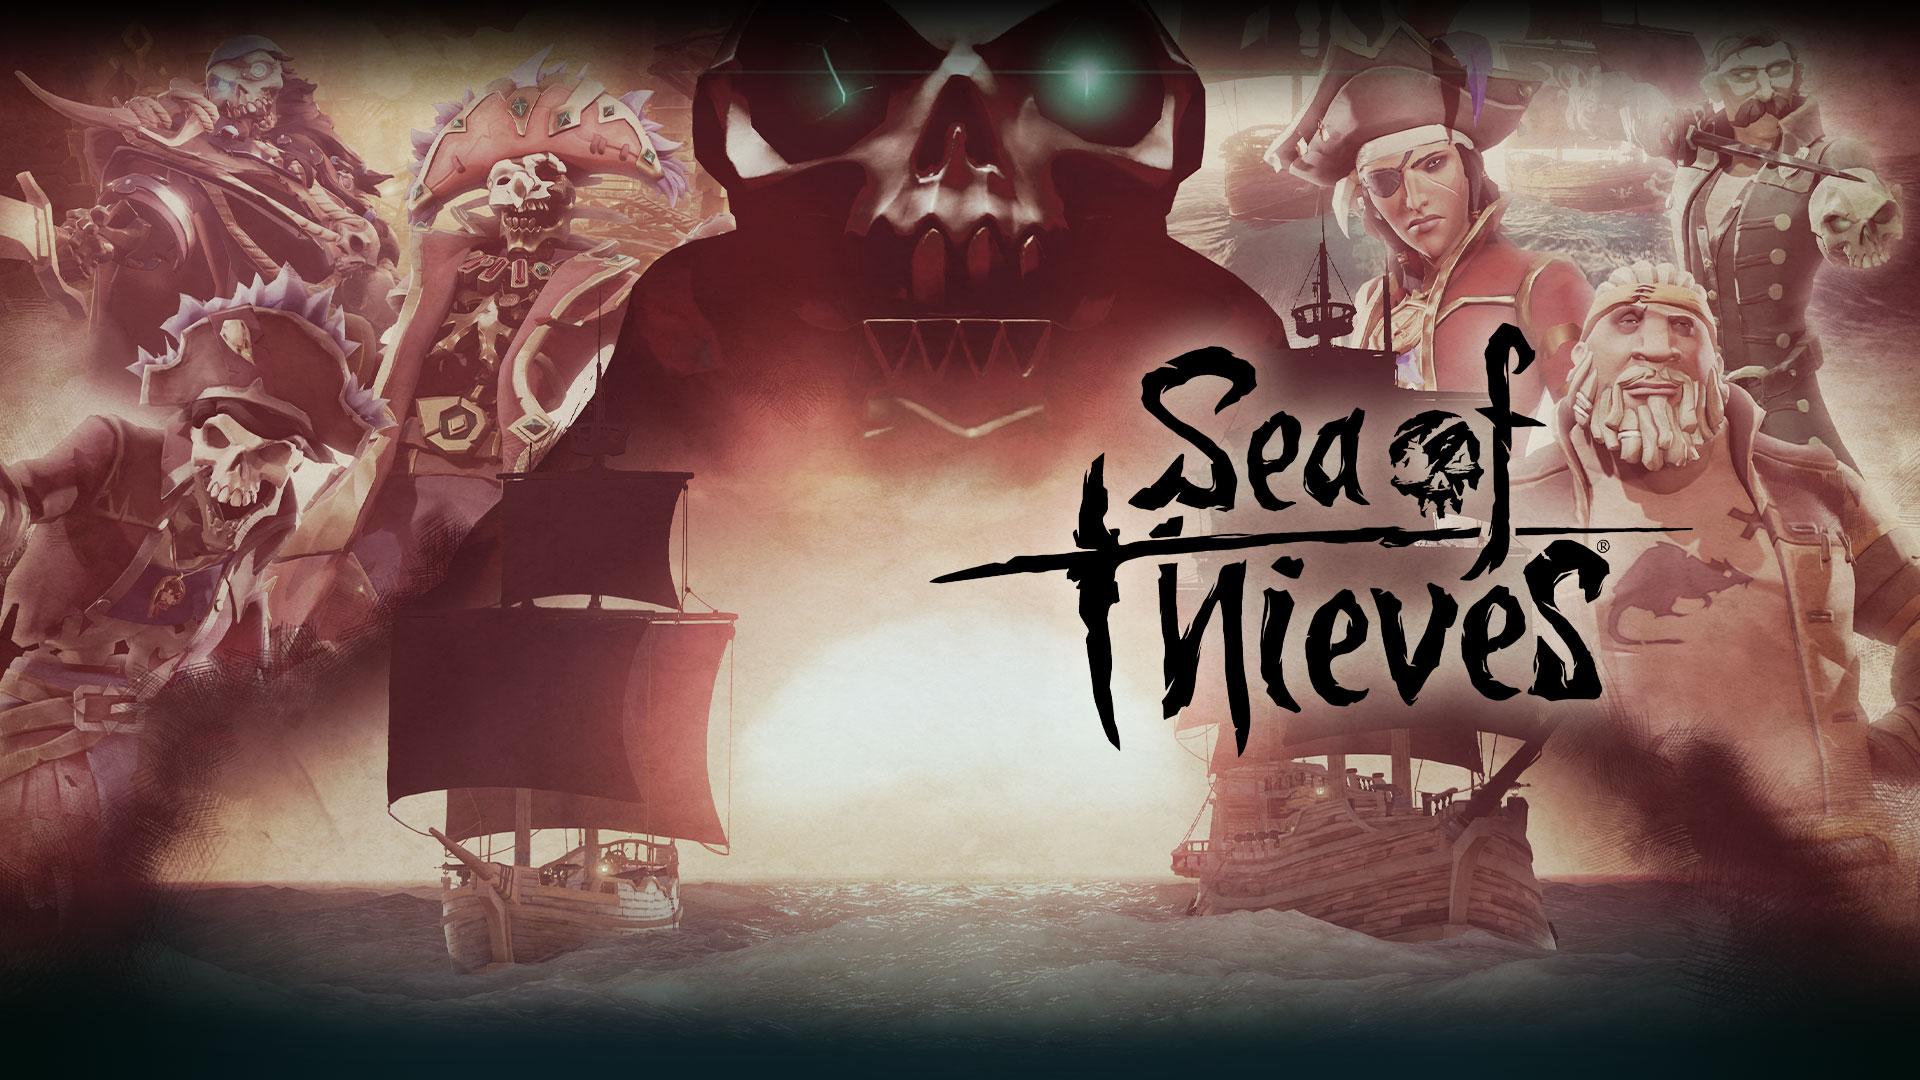 Sea of Thieves, een grote schedel hangt over twee boten, collage van personages op de achtergrond.